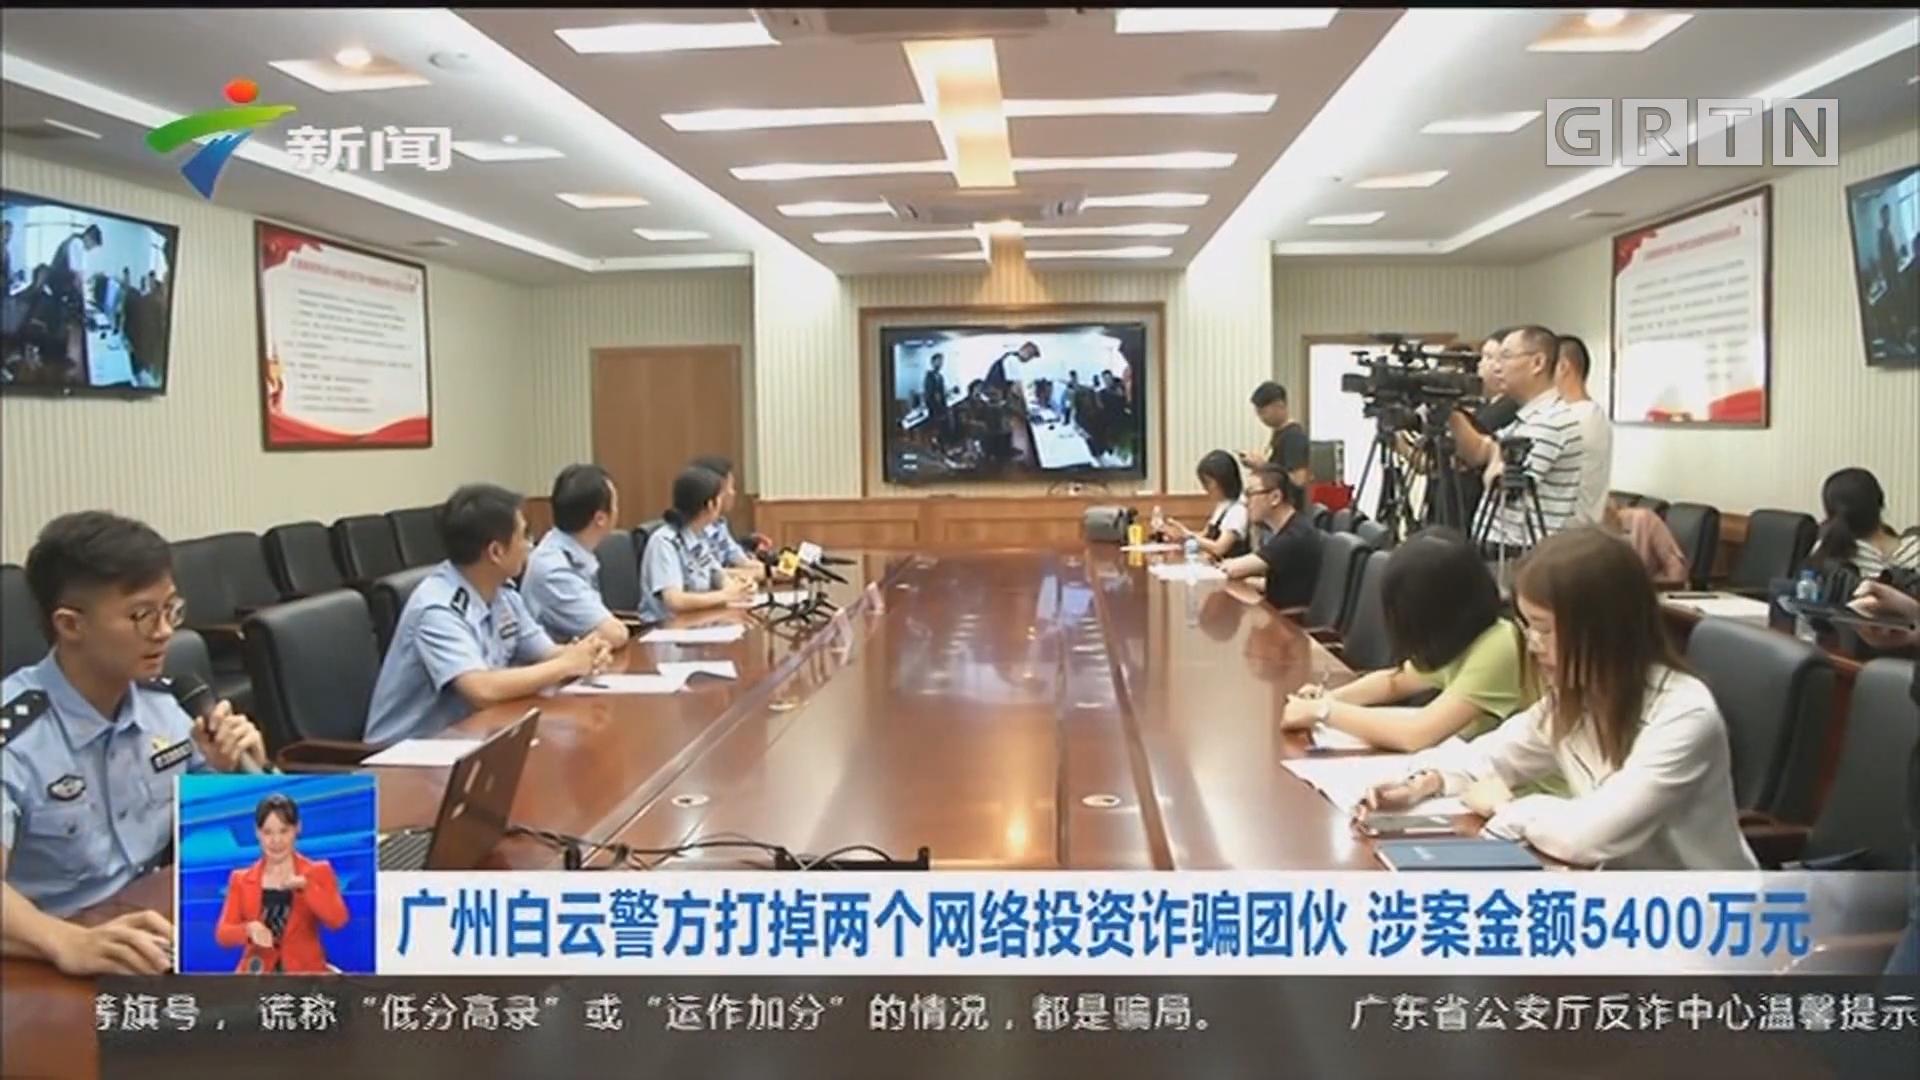 广州白云警方打掉两个网络投资诈骗团伙 涉案金额5400万元